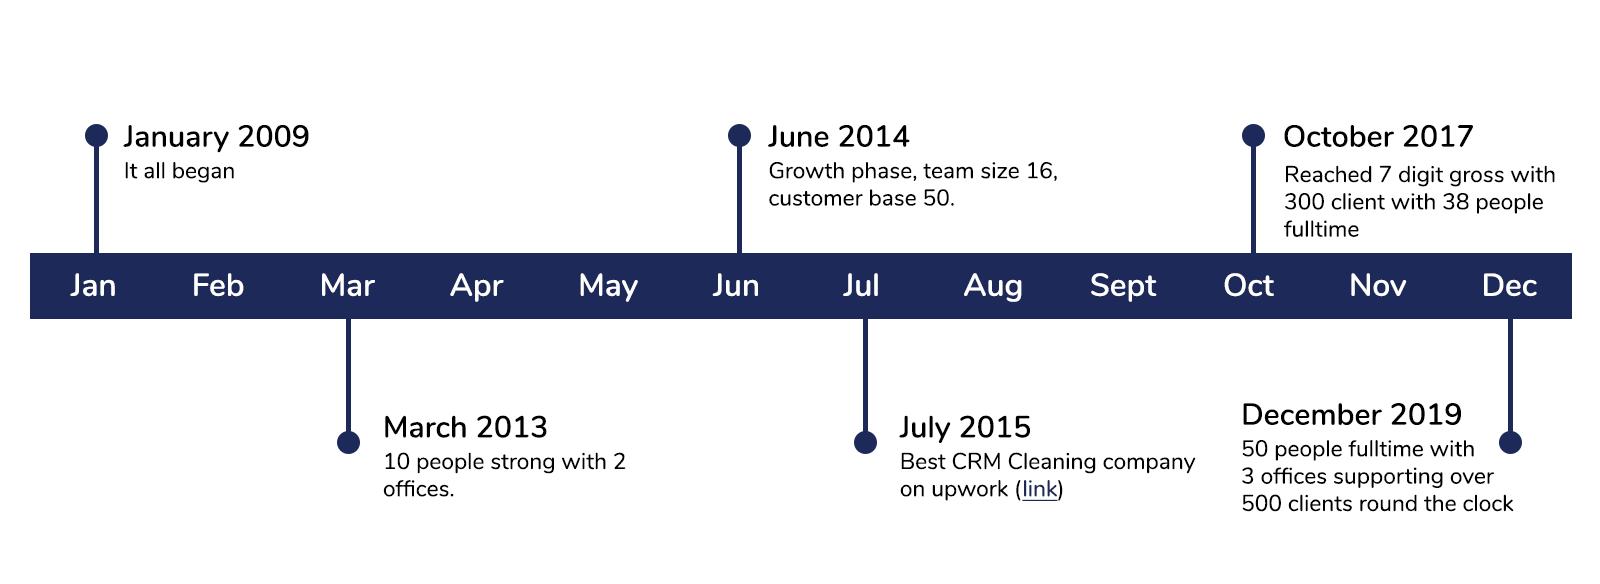 Timeline for BizProspex from 2009 to 2015